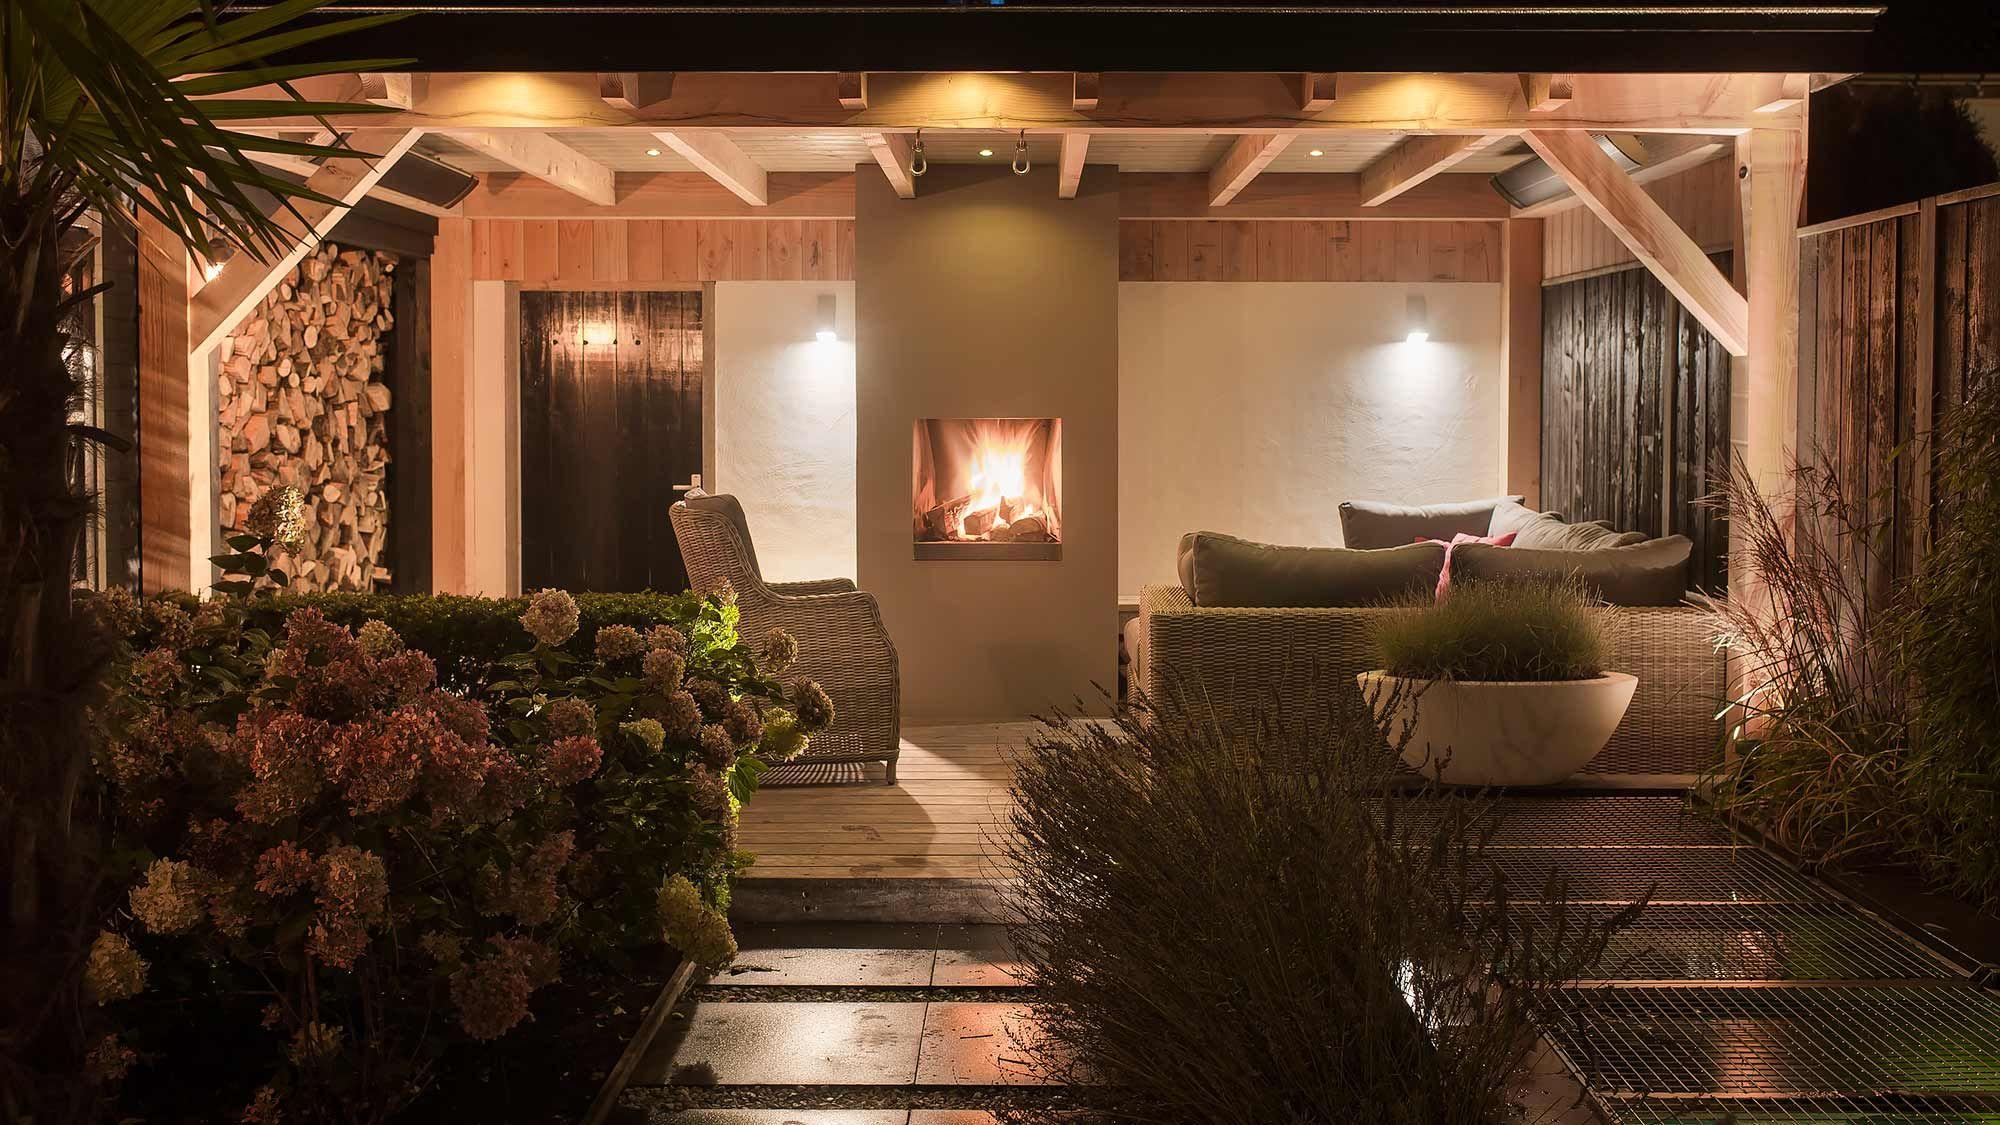 buitenpracht-houten-veranda-openhaard-houtopslag (7) | Verlichting ...